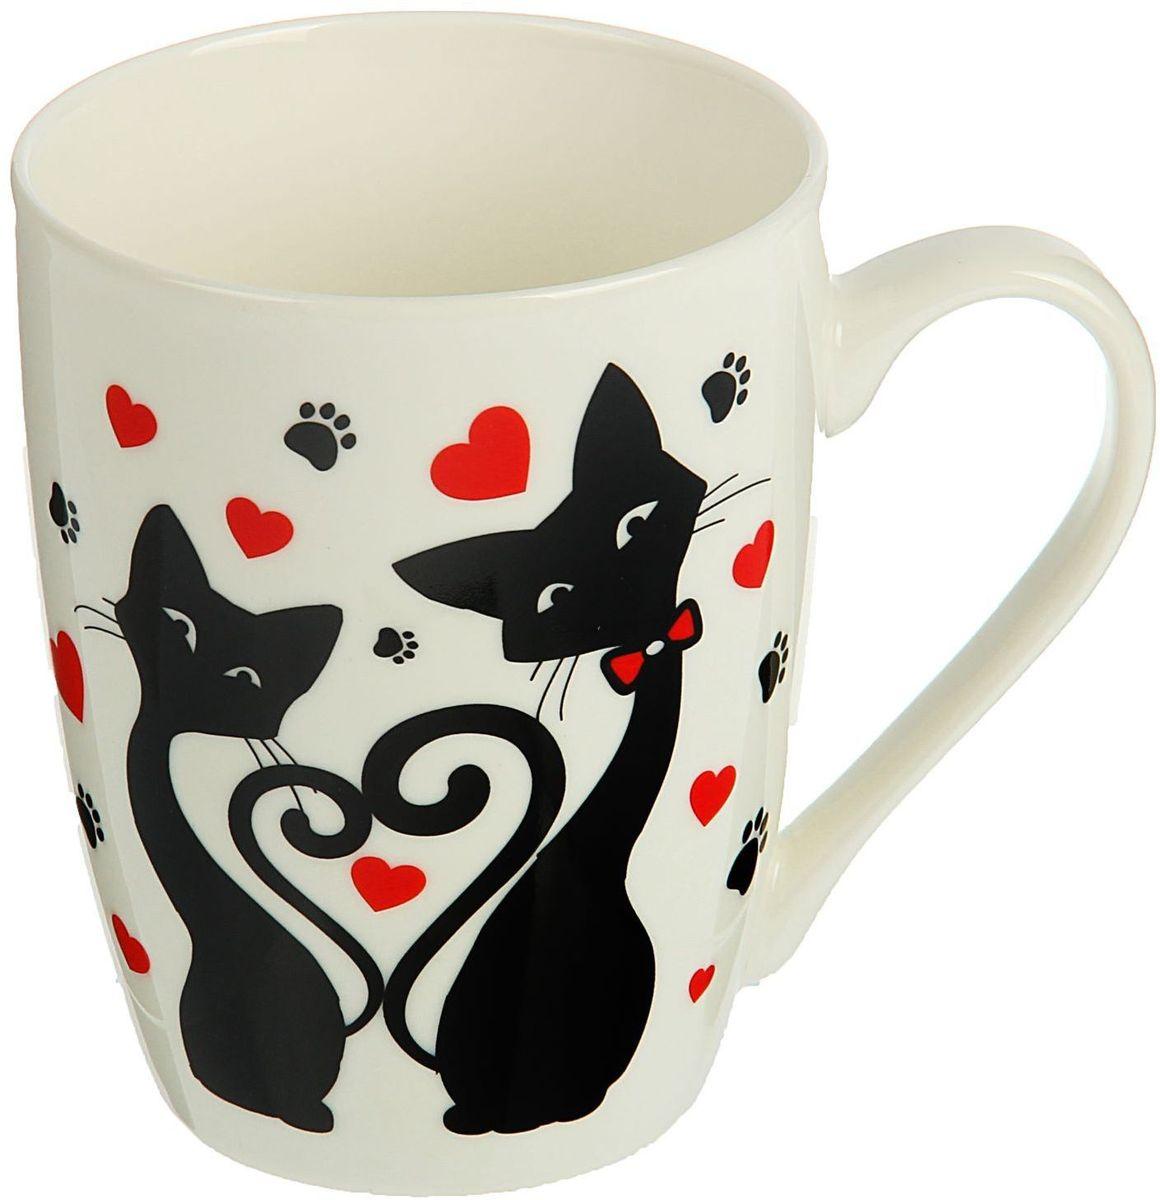 """Кружка Доляна """"Кошачья любовь"""" изготовлена из керамики. Она украшена оригинальным рисунком с кошками. Кружка станет отличным подарком для родных и близких. Это любимый аксессуар на долгие годы.  Относитесь к изделию бережно, и оно будет дарить прекрасное настроение каждый день."""